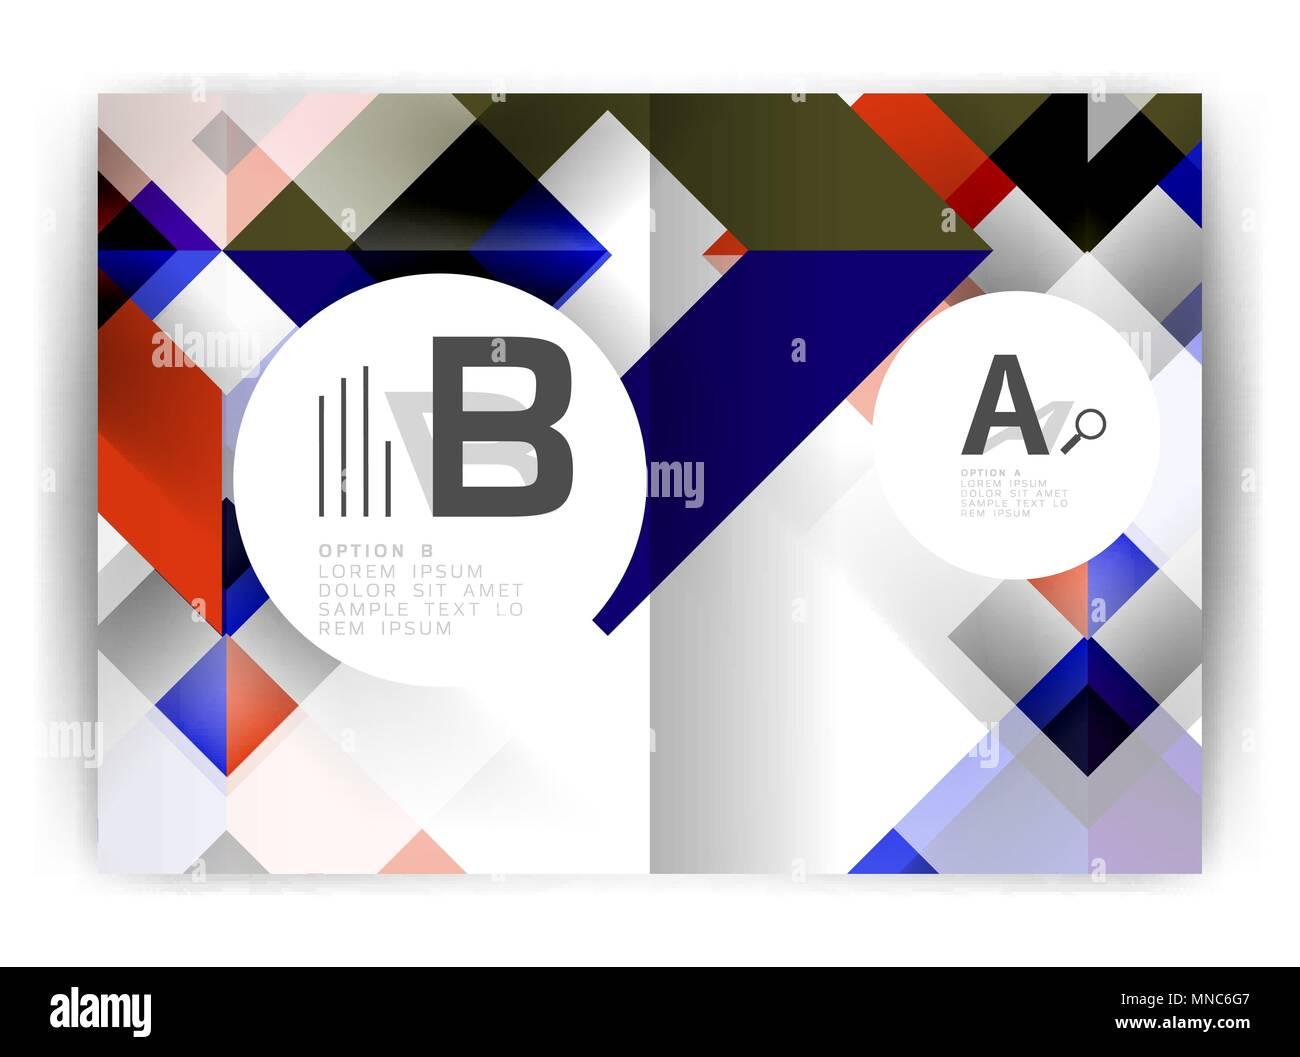 Geometric a4 annual report cover print template  Geometric a4 annual